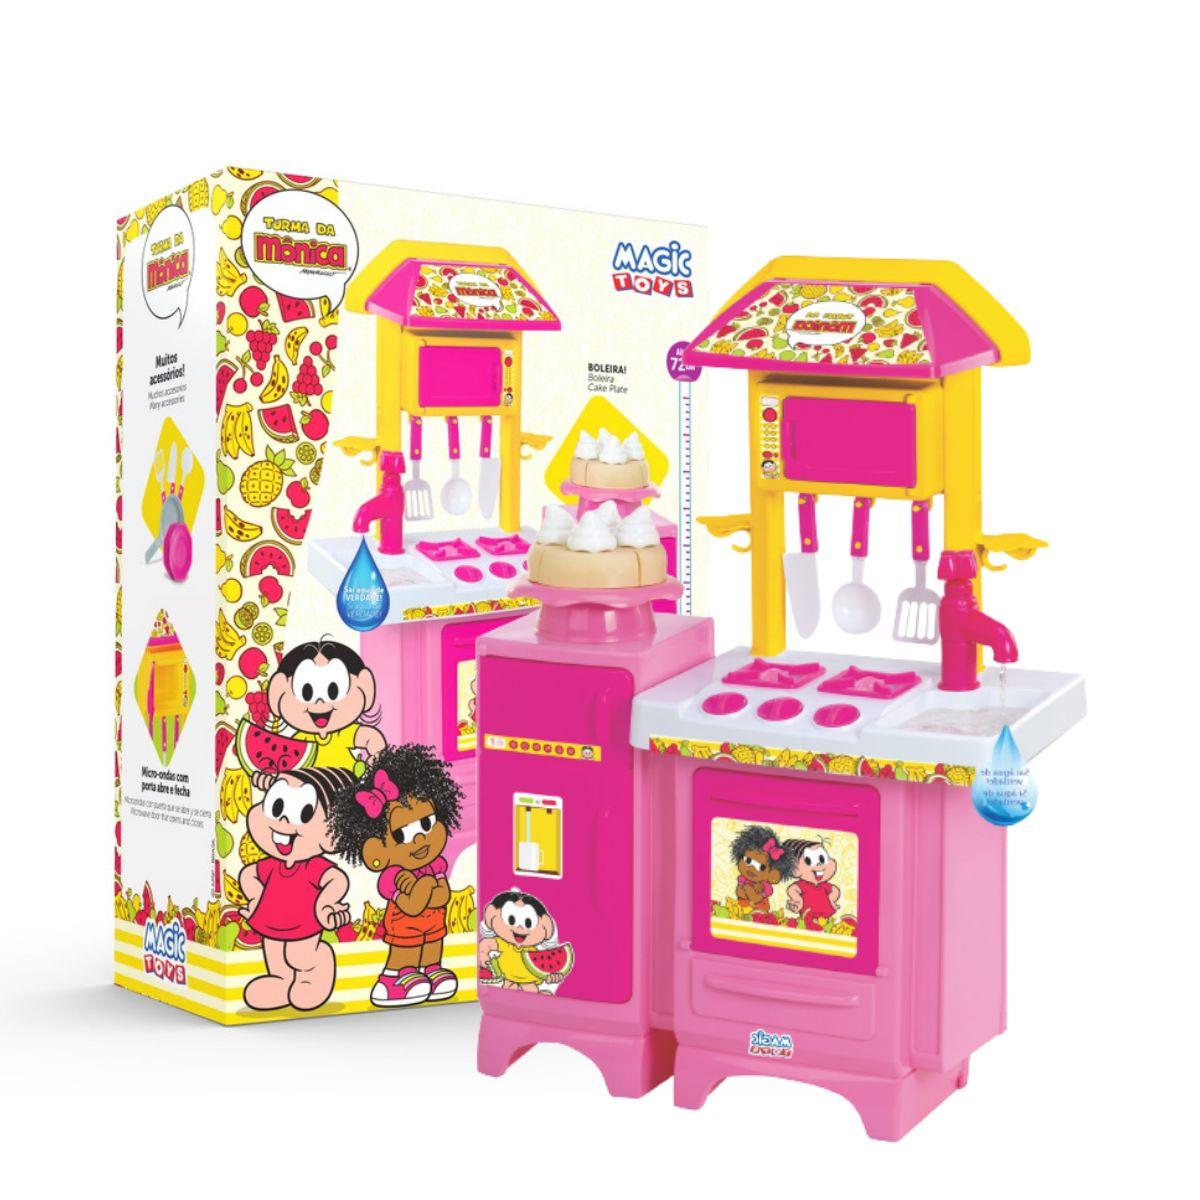 Cozinha de Brinquedo Turma da Mônica Sai Água